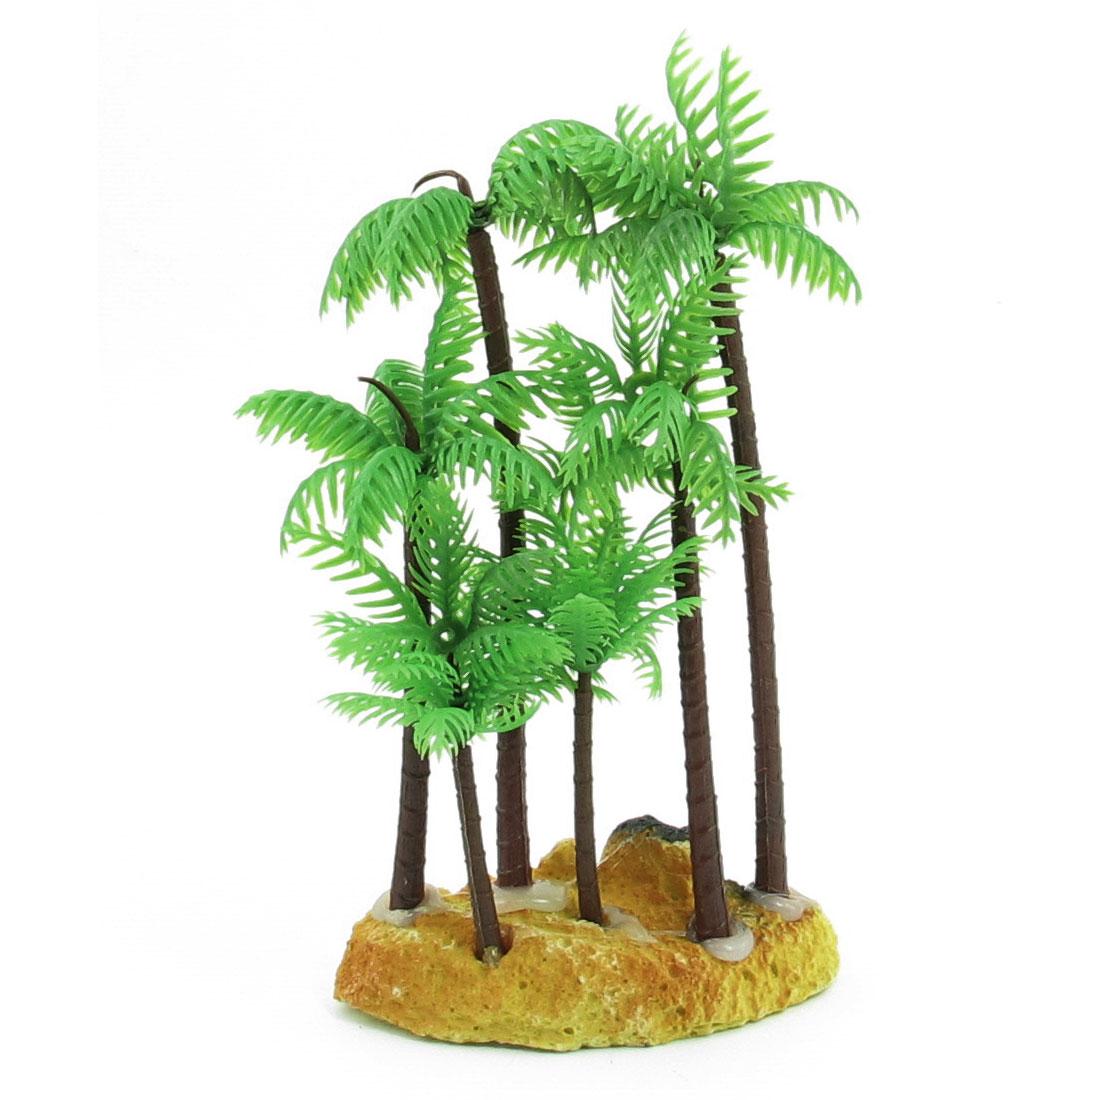 14.5cm Height Aquarium Aquascaping Green Plastic Artificial Aquatic Coconut Palm